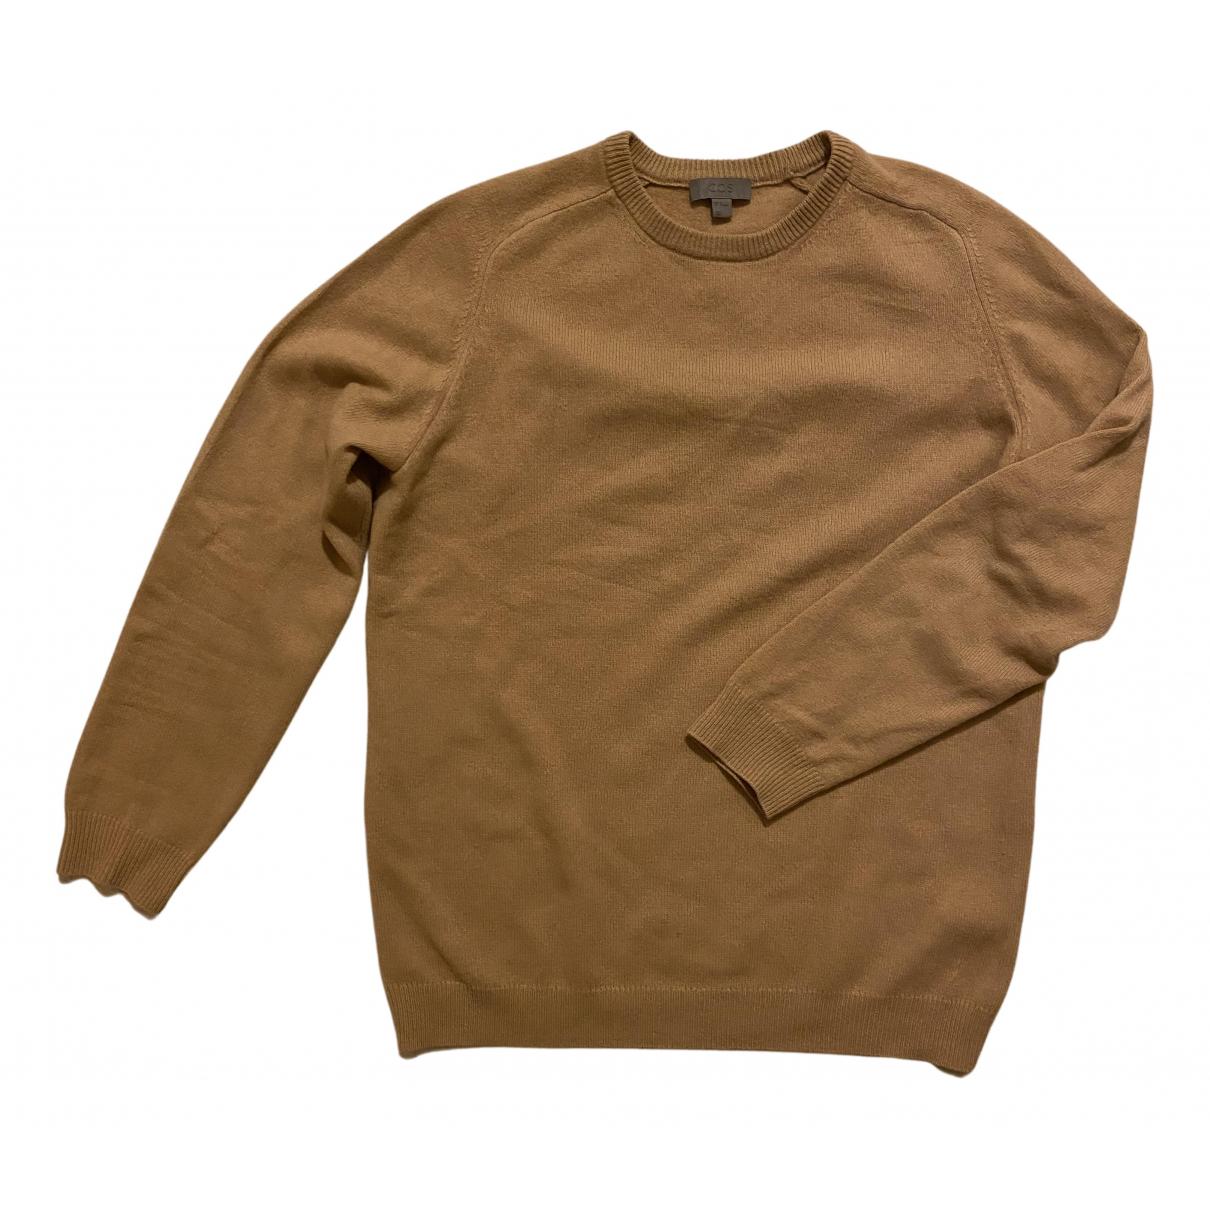 Cos - Pulls.Gilets.Sweats   pour homme en laine - camel